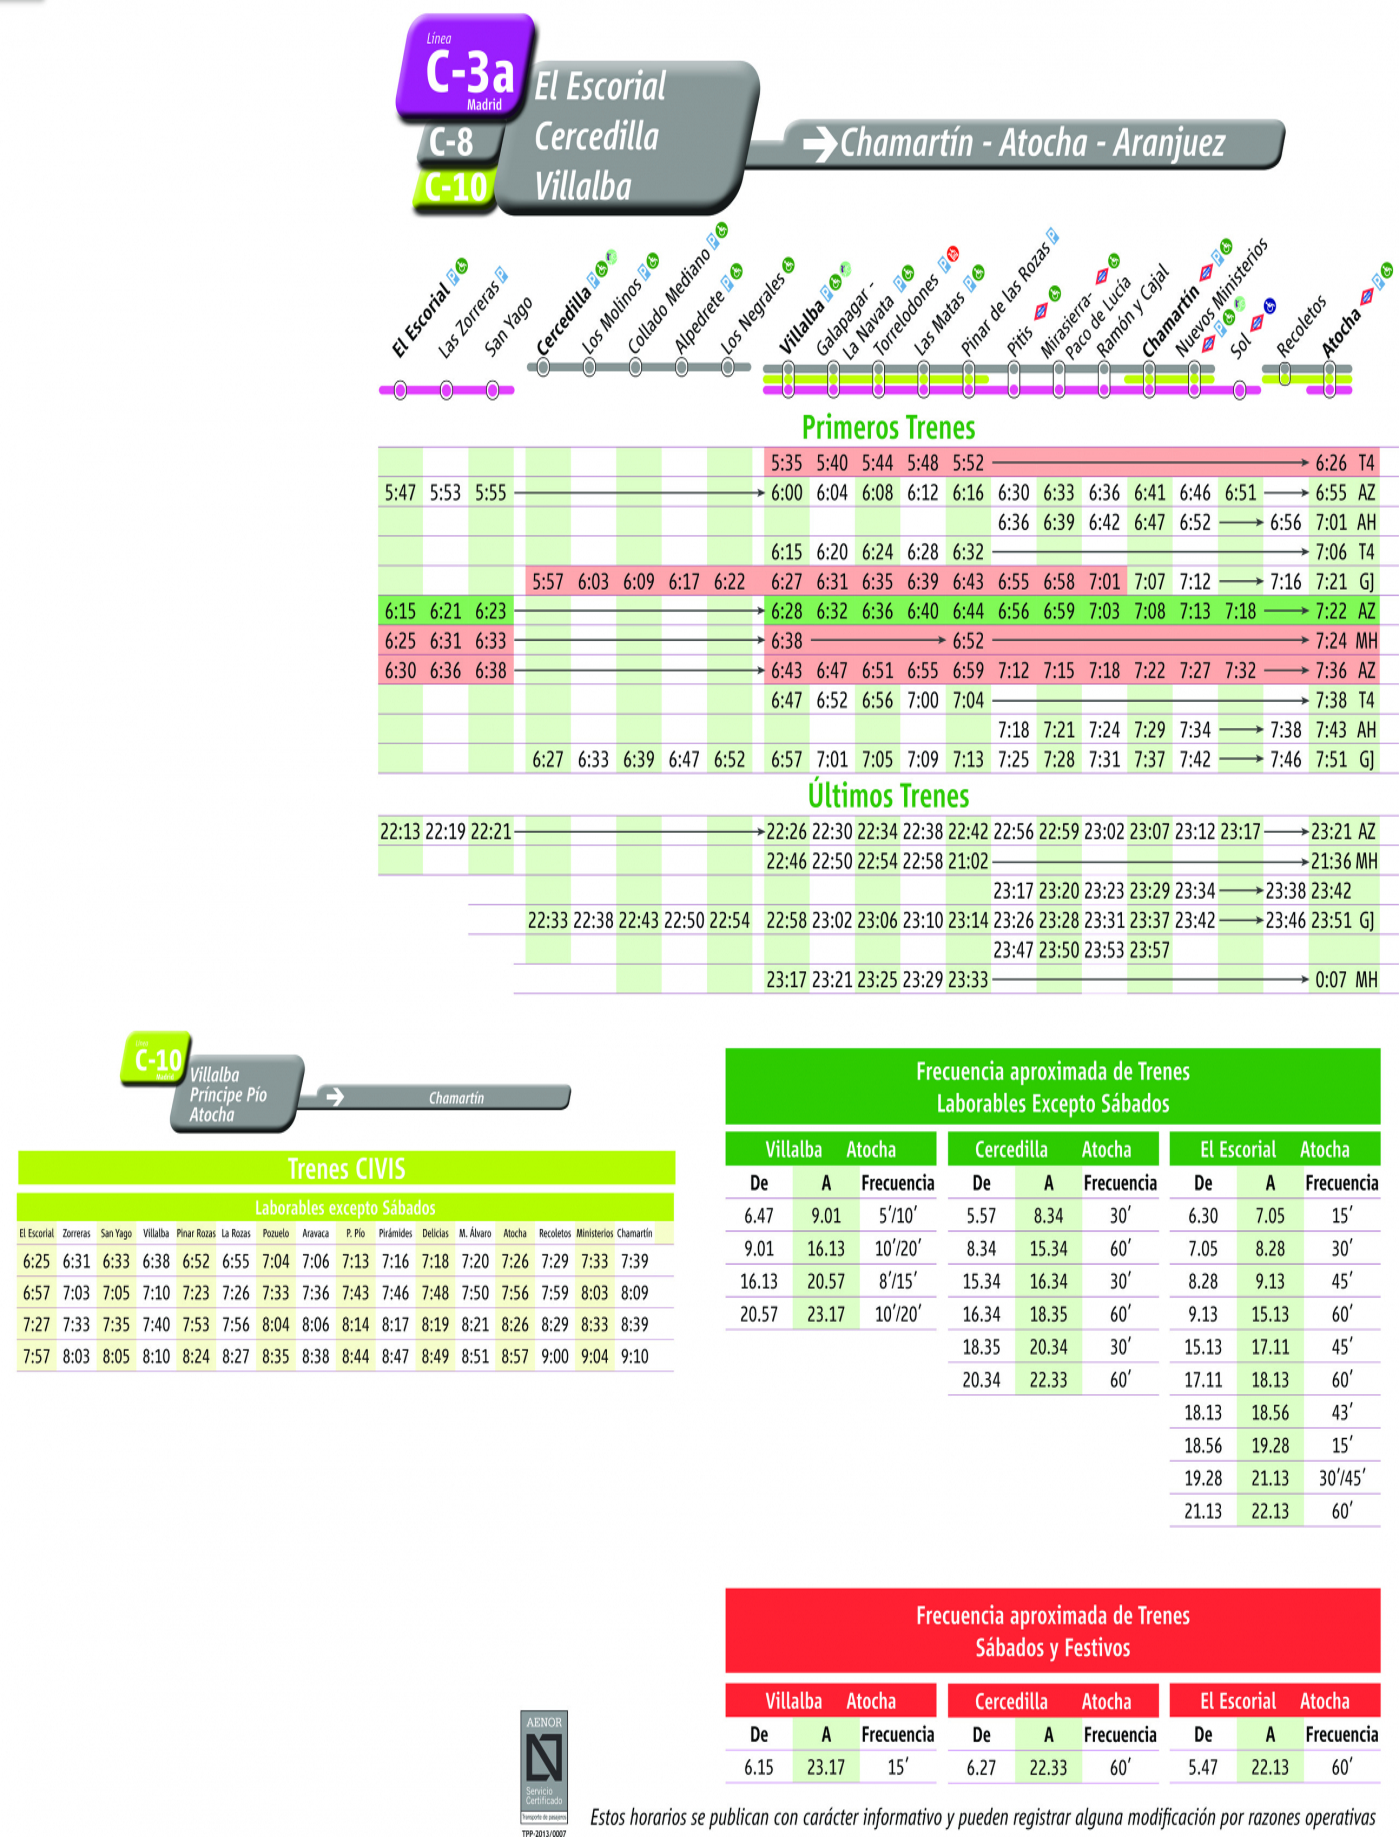 Tabla de horarios y frecuencias de paso en sentido vuelta Línea C-8: Atocha - Chamartín - Villalba - El Escorial - Cercedilla